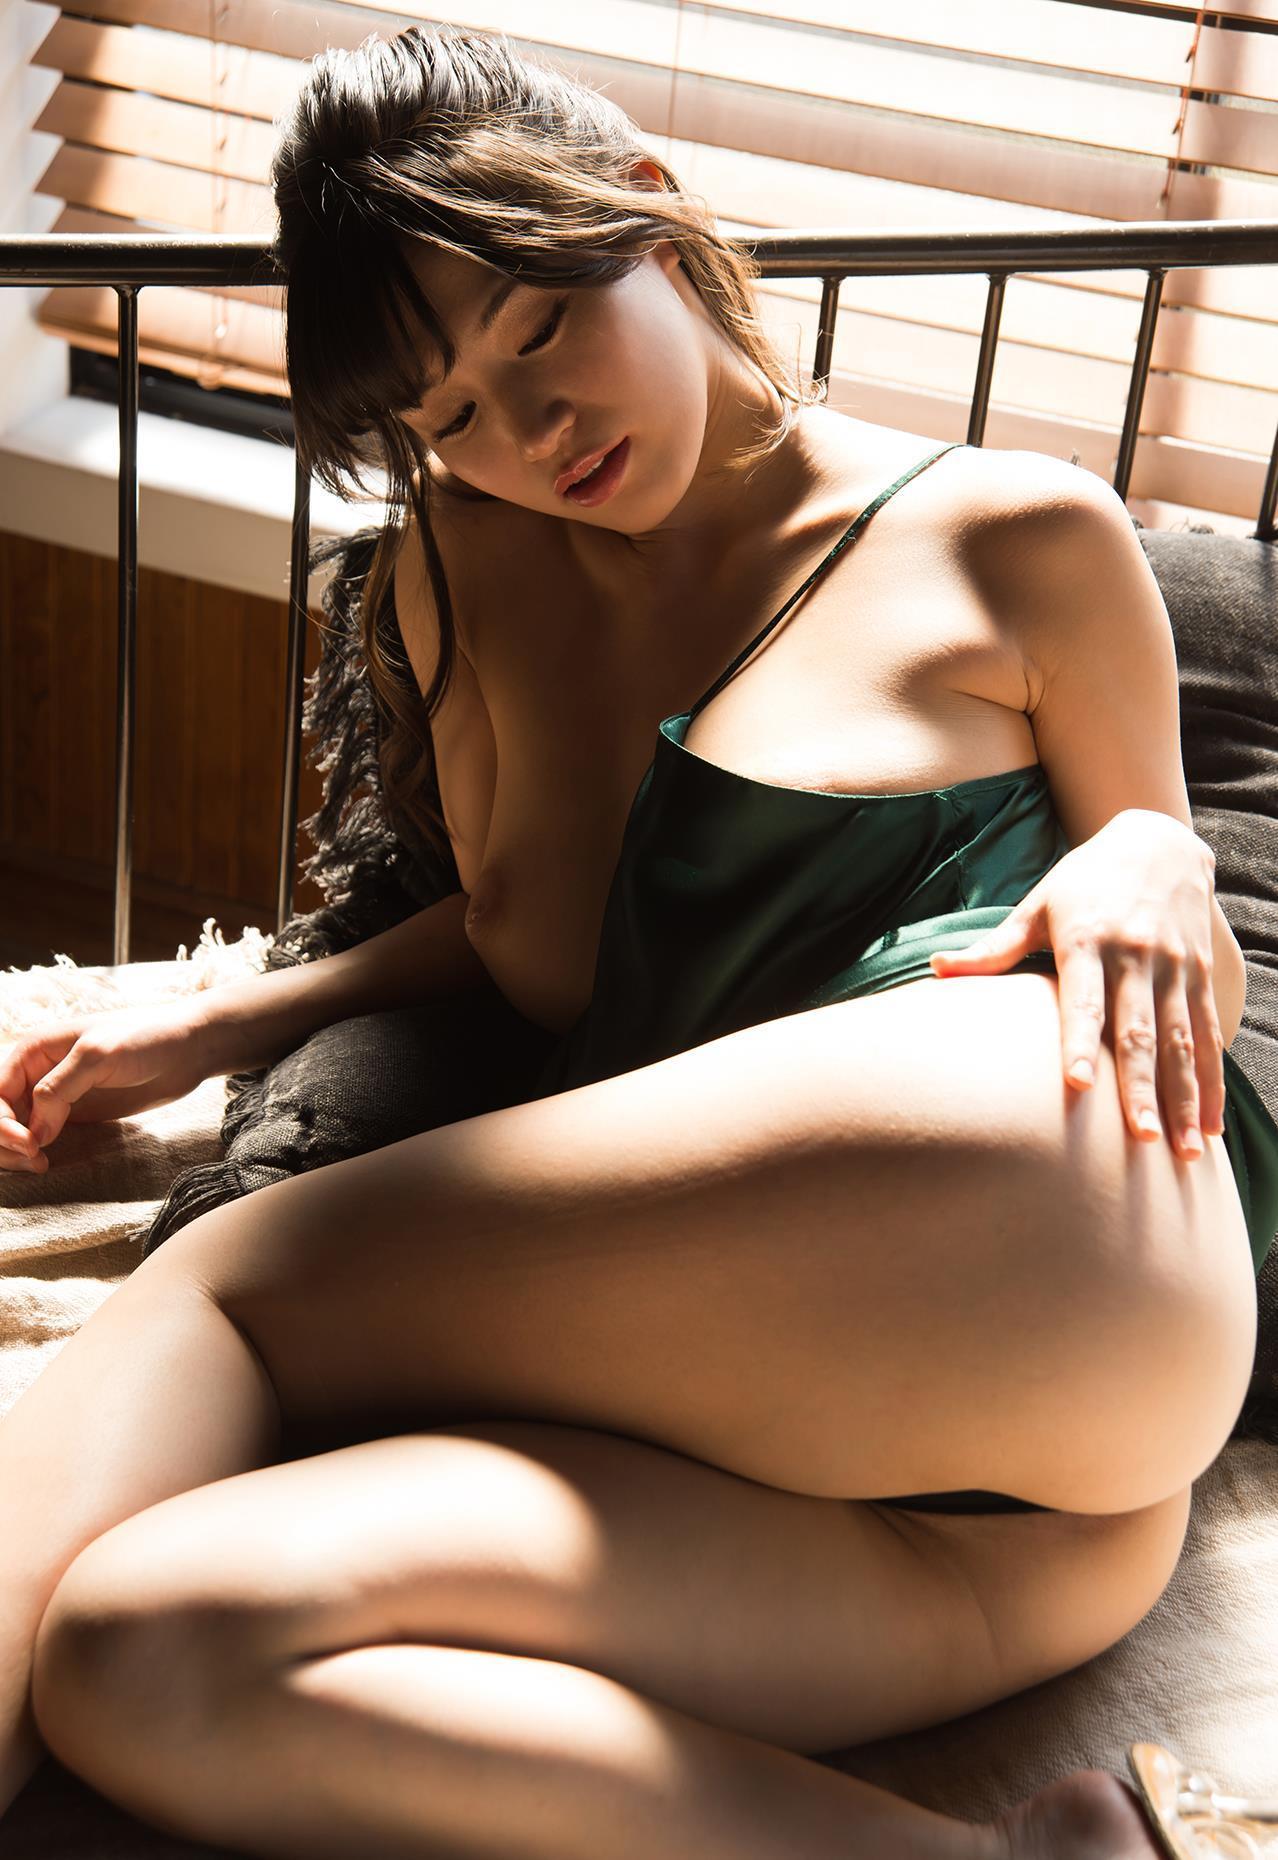 三次元 3次元 エロ画像 AV女優 高橋しょう子 ヌード べっぴん娘通信 14